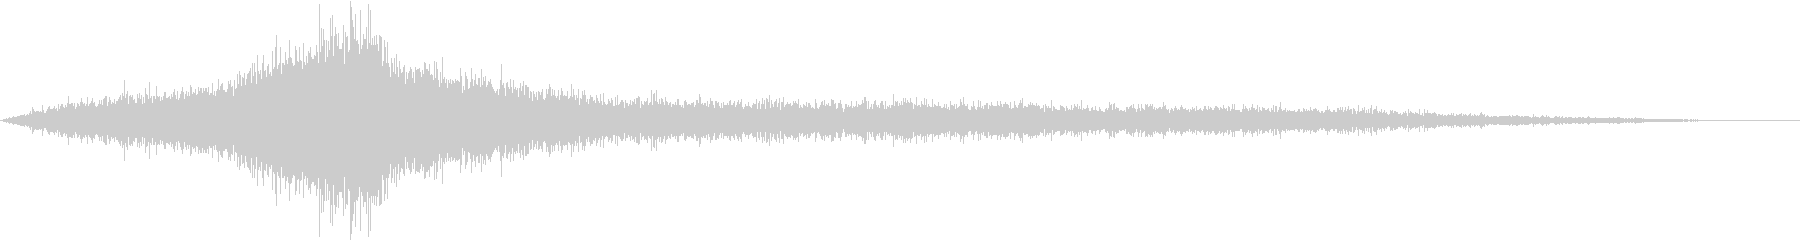 【生録音】建設会社のトラックの通る音の未再生の波形